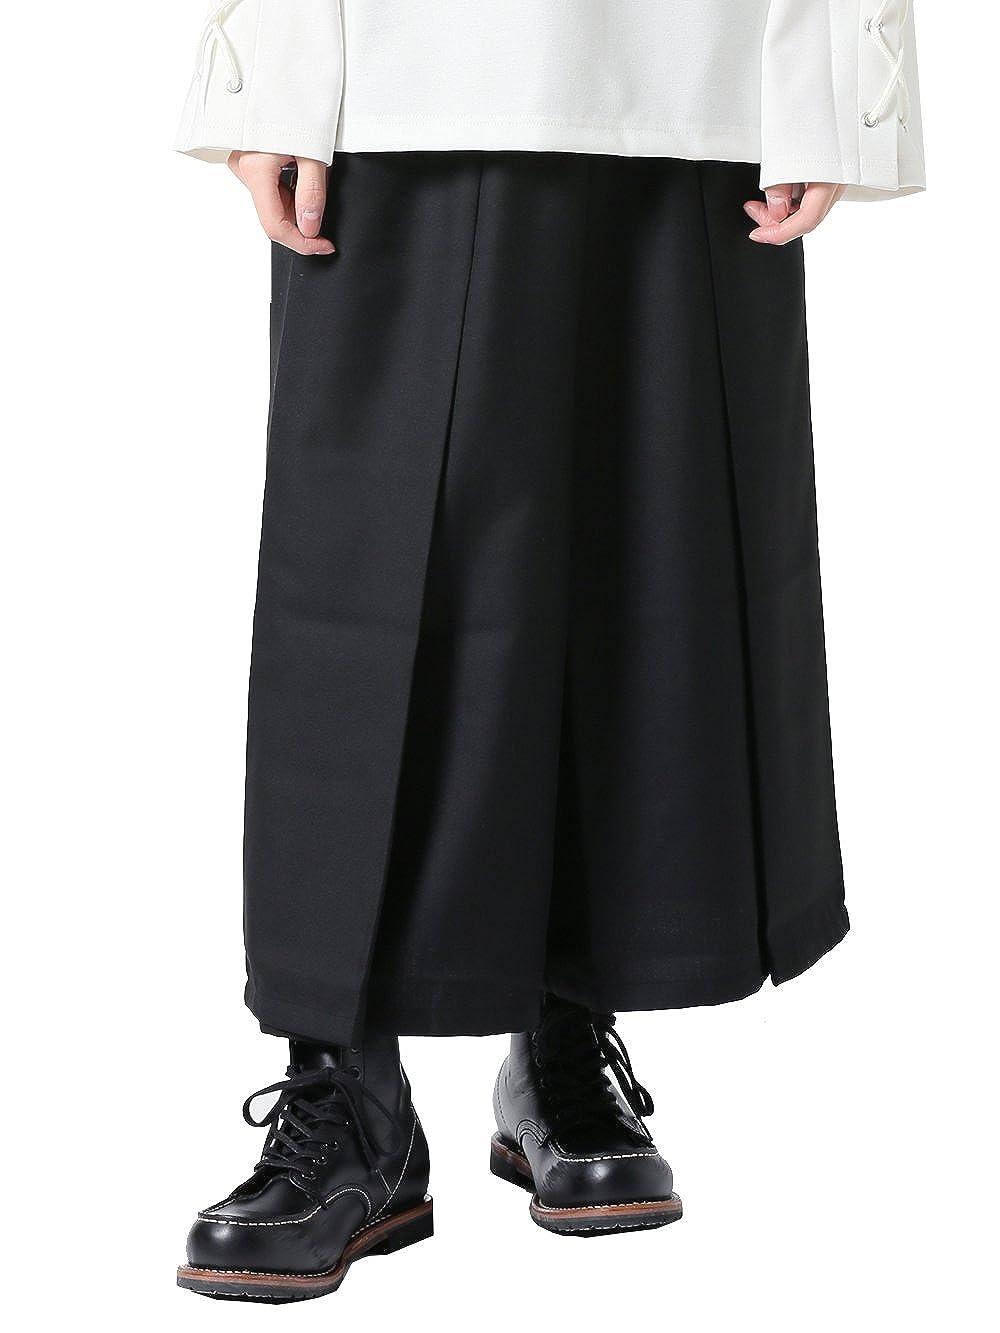 (アズスーパーソニック) AS SUPER SONIC ワイドパンツ 袴パンツ ガウチョ モード系 日本製 メンズ B011G0HPDM  ブラック Free